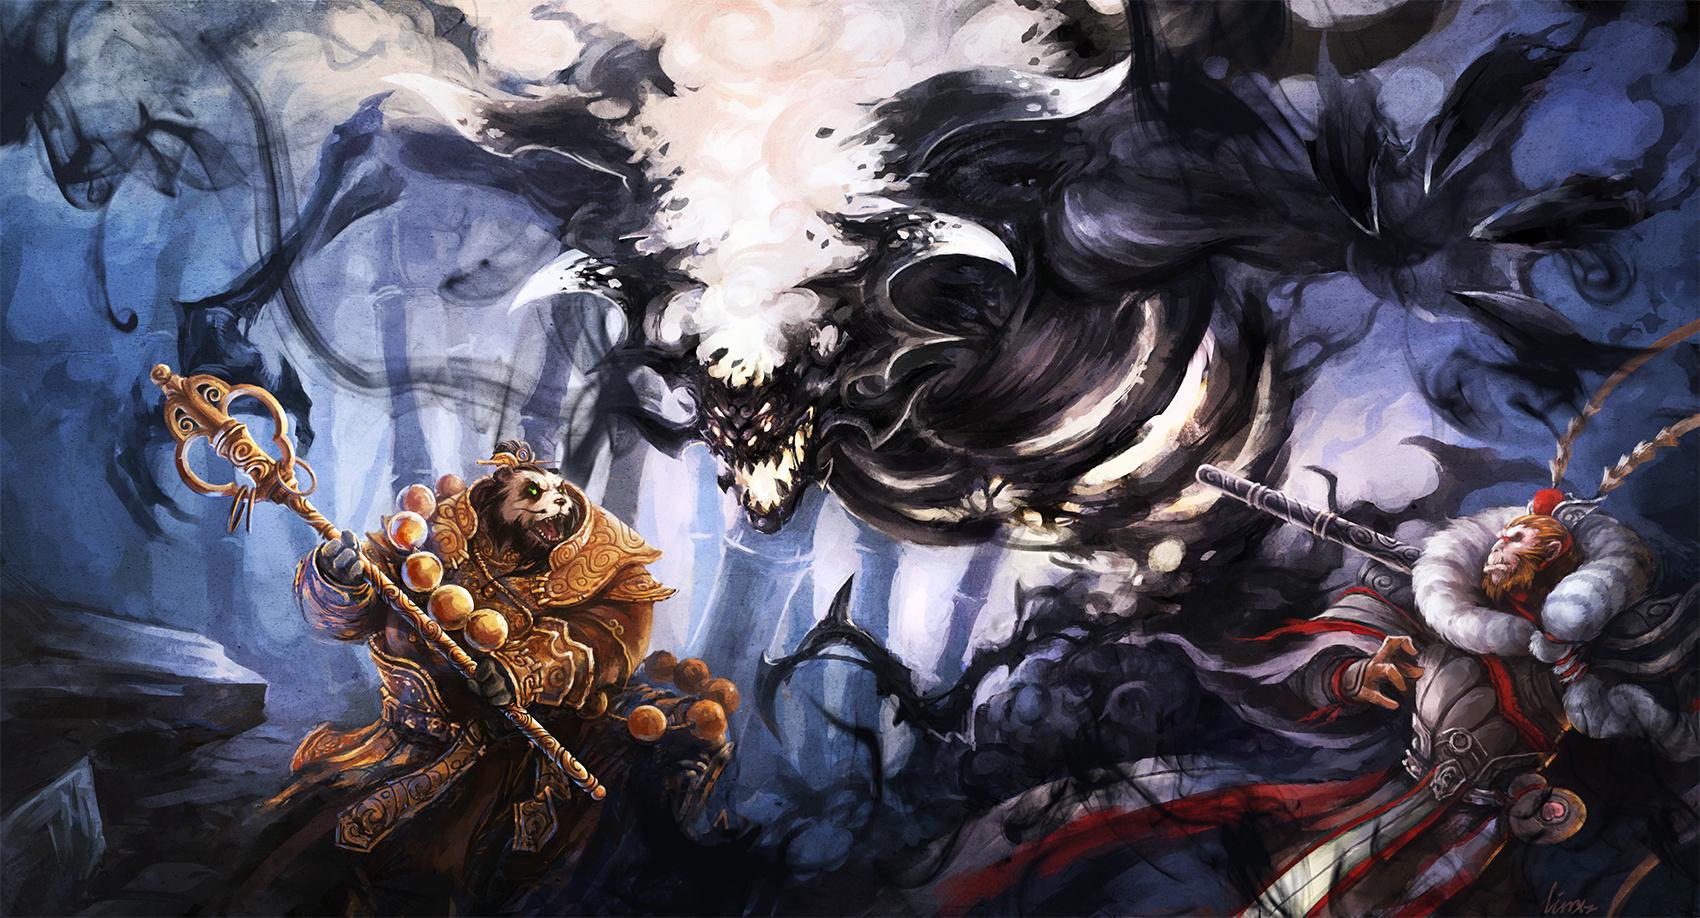 Burdens of the Emperor by linxz2010